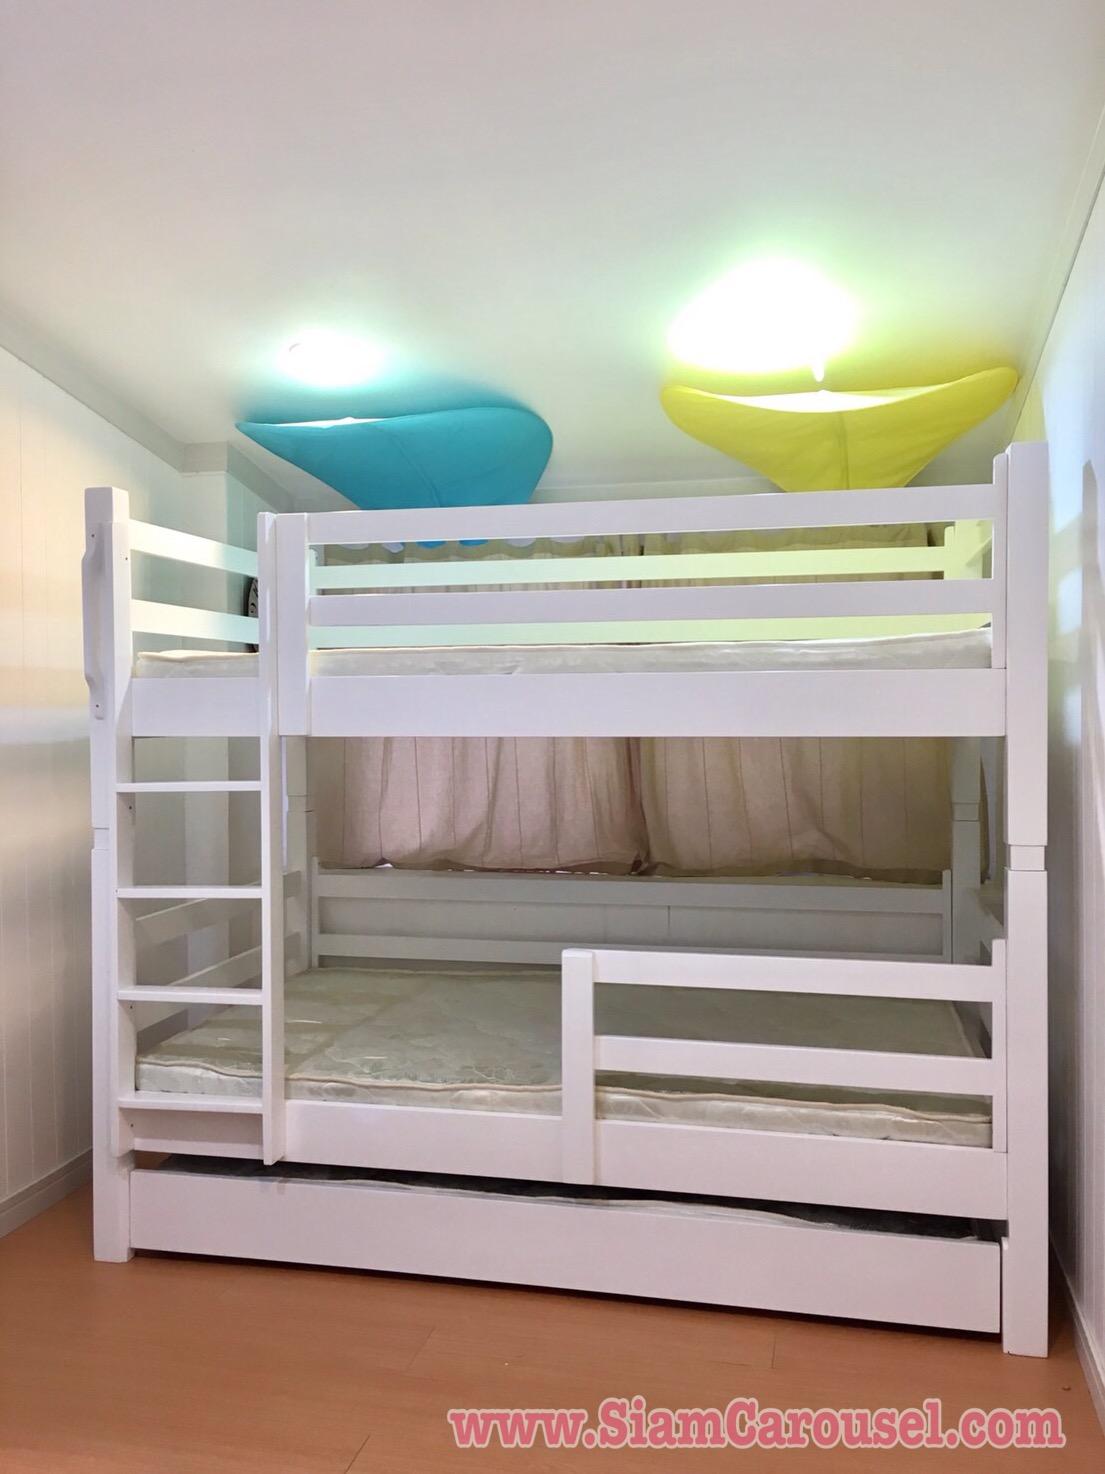 เตียง 3 ชั้น ของคุณแพร ตาคลี จ.นครสวรรค์